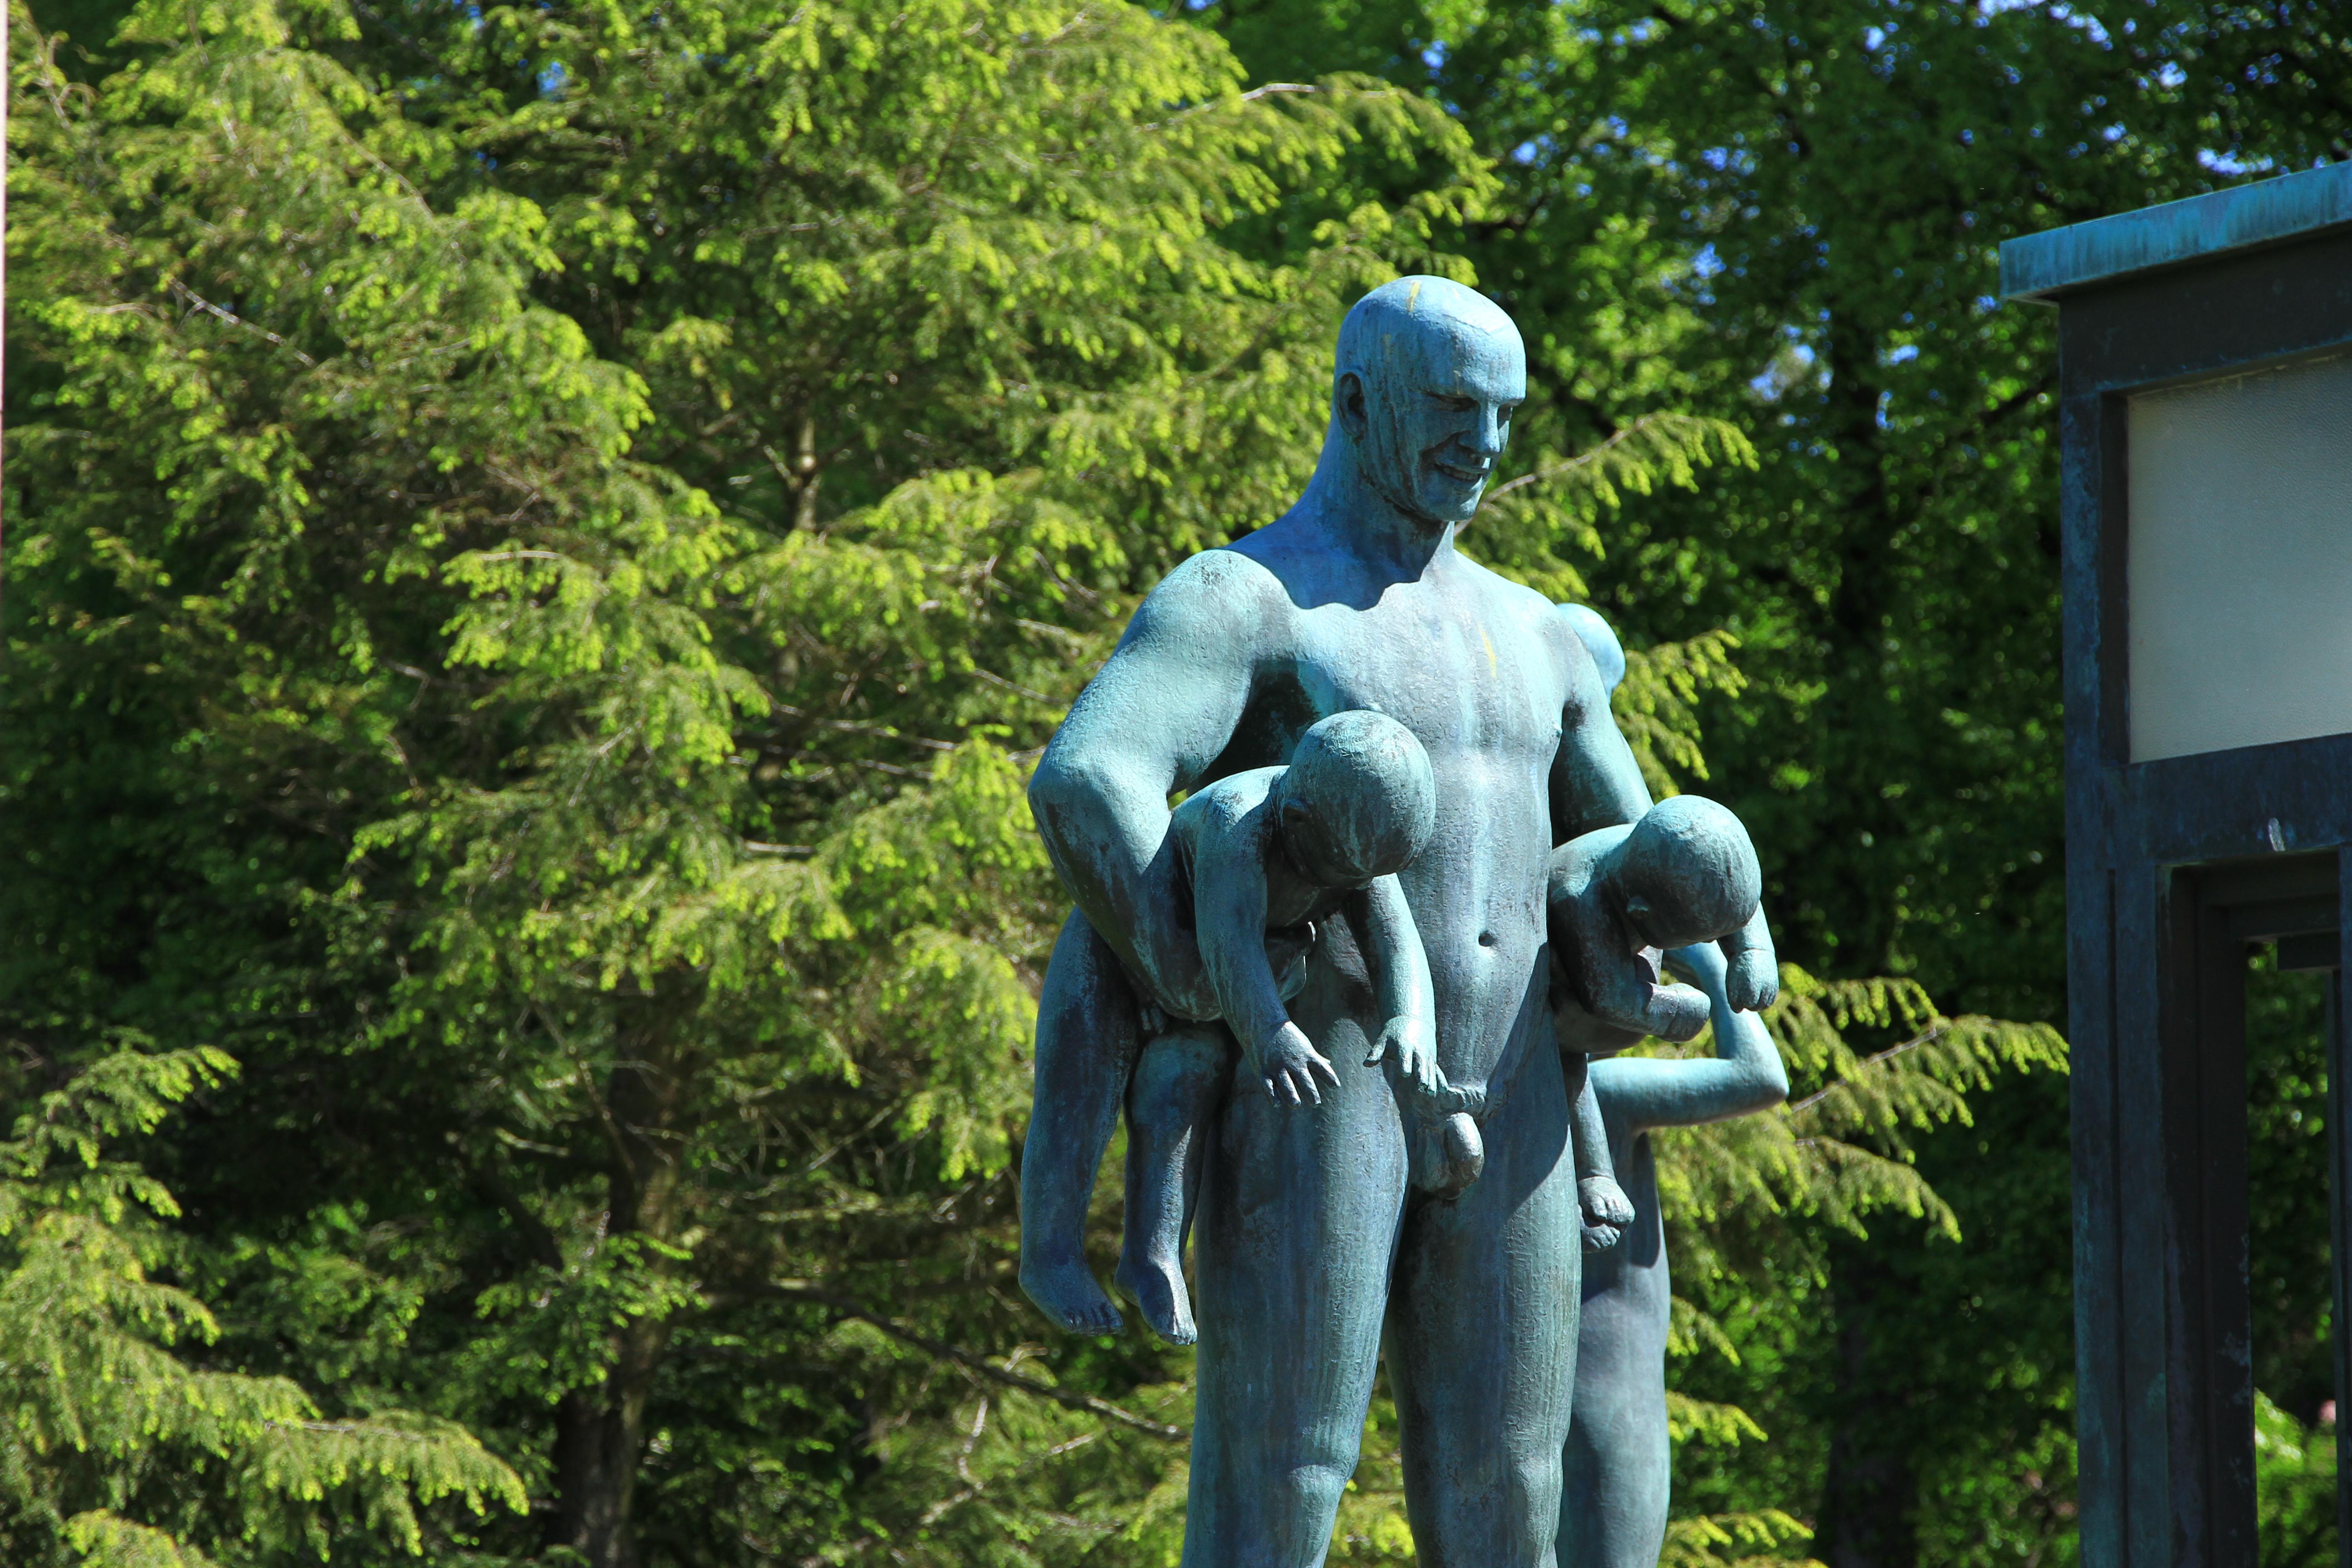 105、挪威奥斯陆:维格兰雕塑公园1